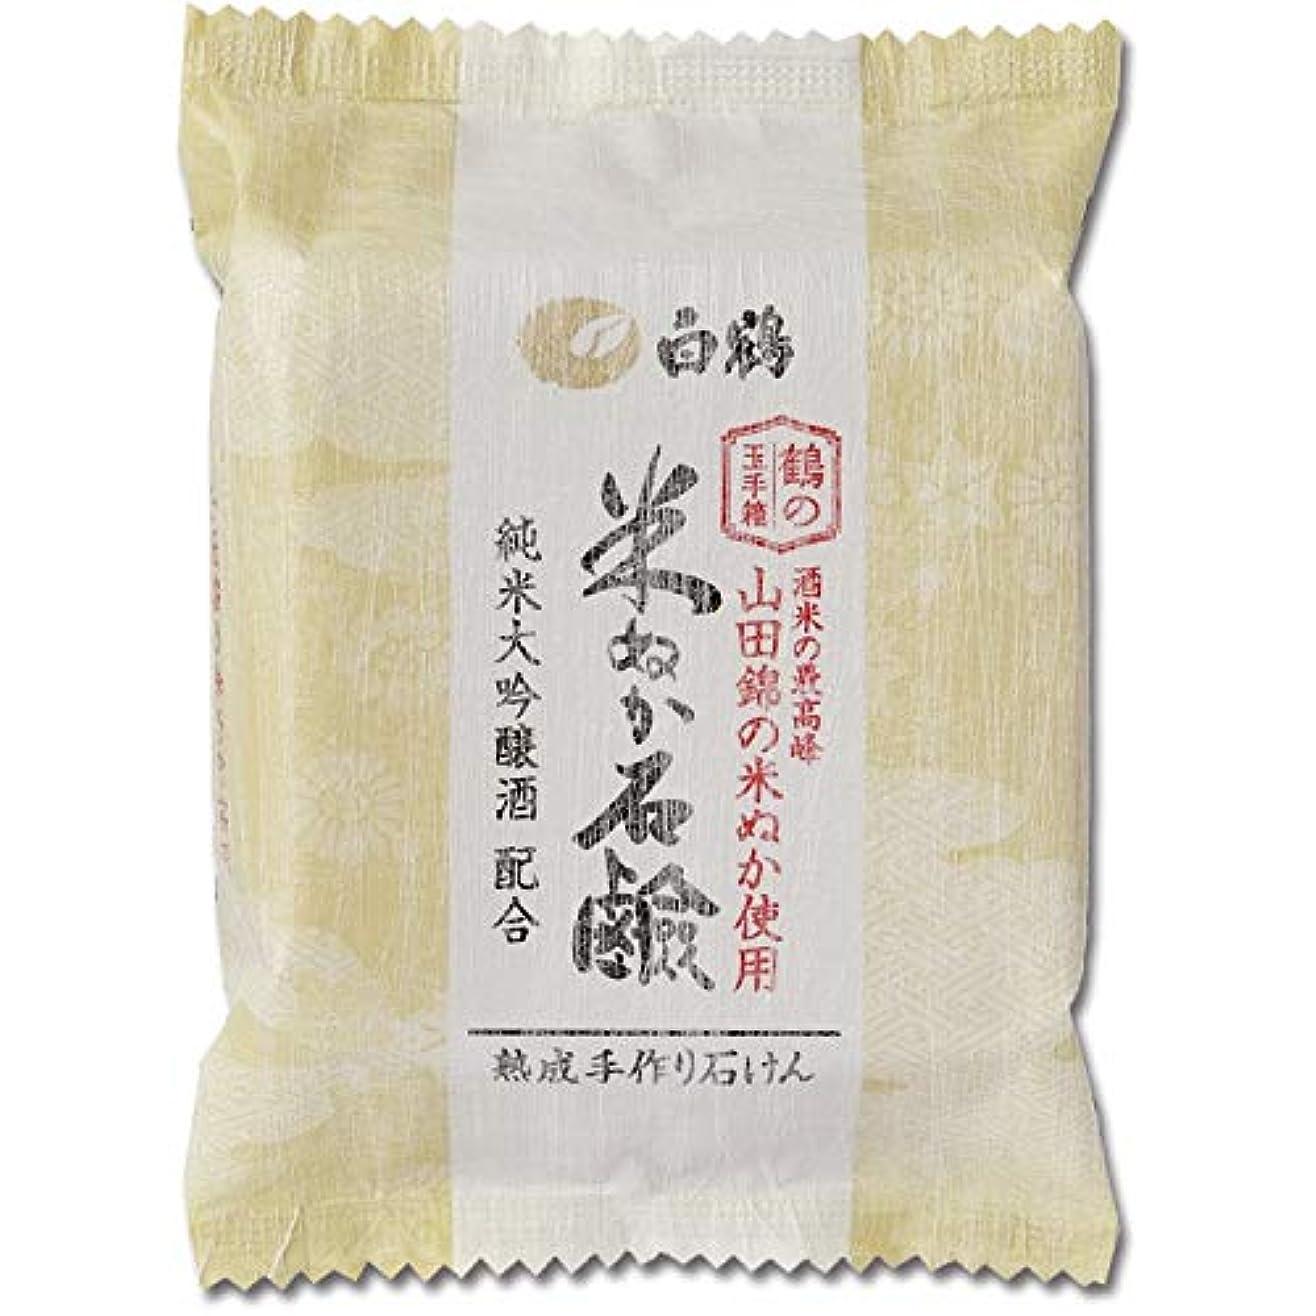 ブレンドそれからパラナ川白鶴 鶴の玉手箱 米ぬか石けん 100g (全身用石鹸)